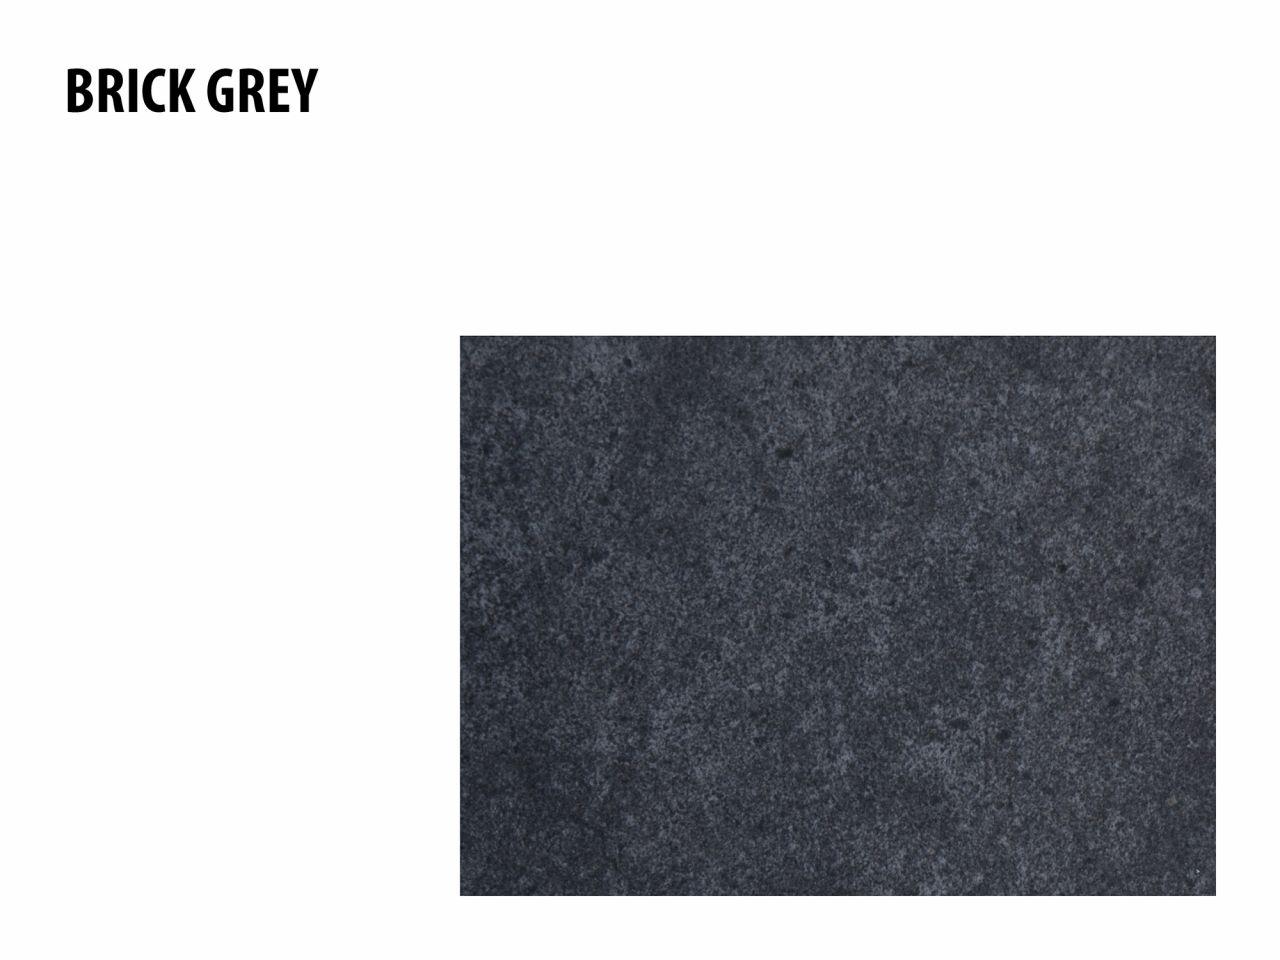 Solpuri Keramik Brick grey